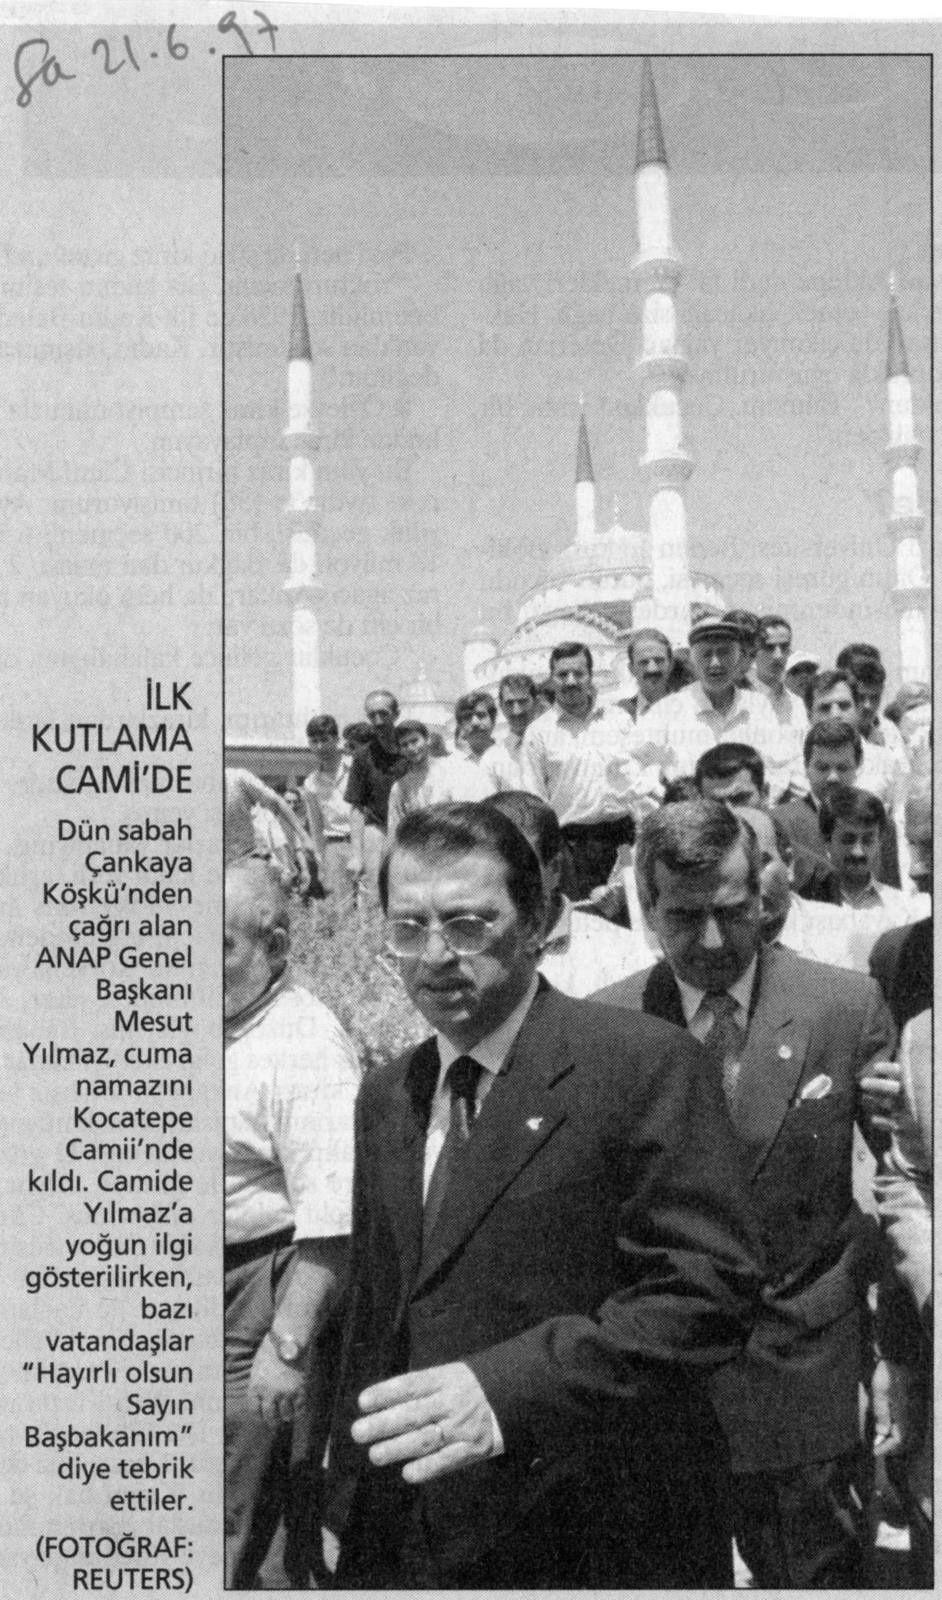 Yılmaz sortant de la grand emosquée de Kocatepe après la démission du parti islmaiste. Photo Reuters, publiée par Sabah le 21 juiun 1997